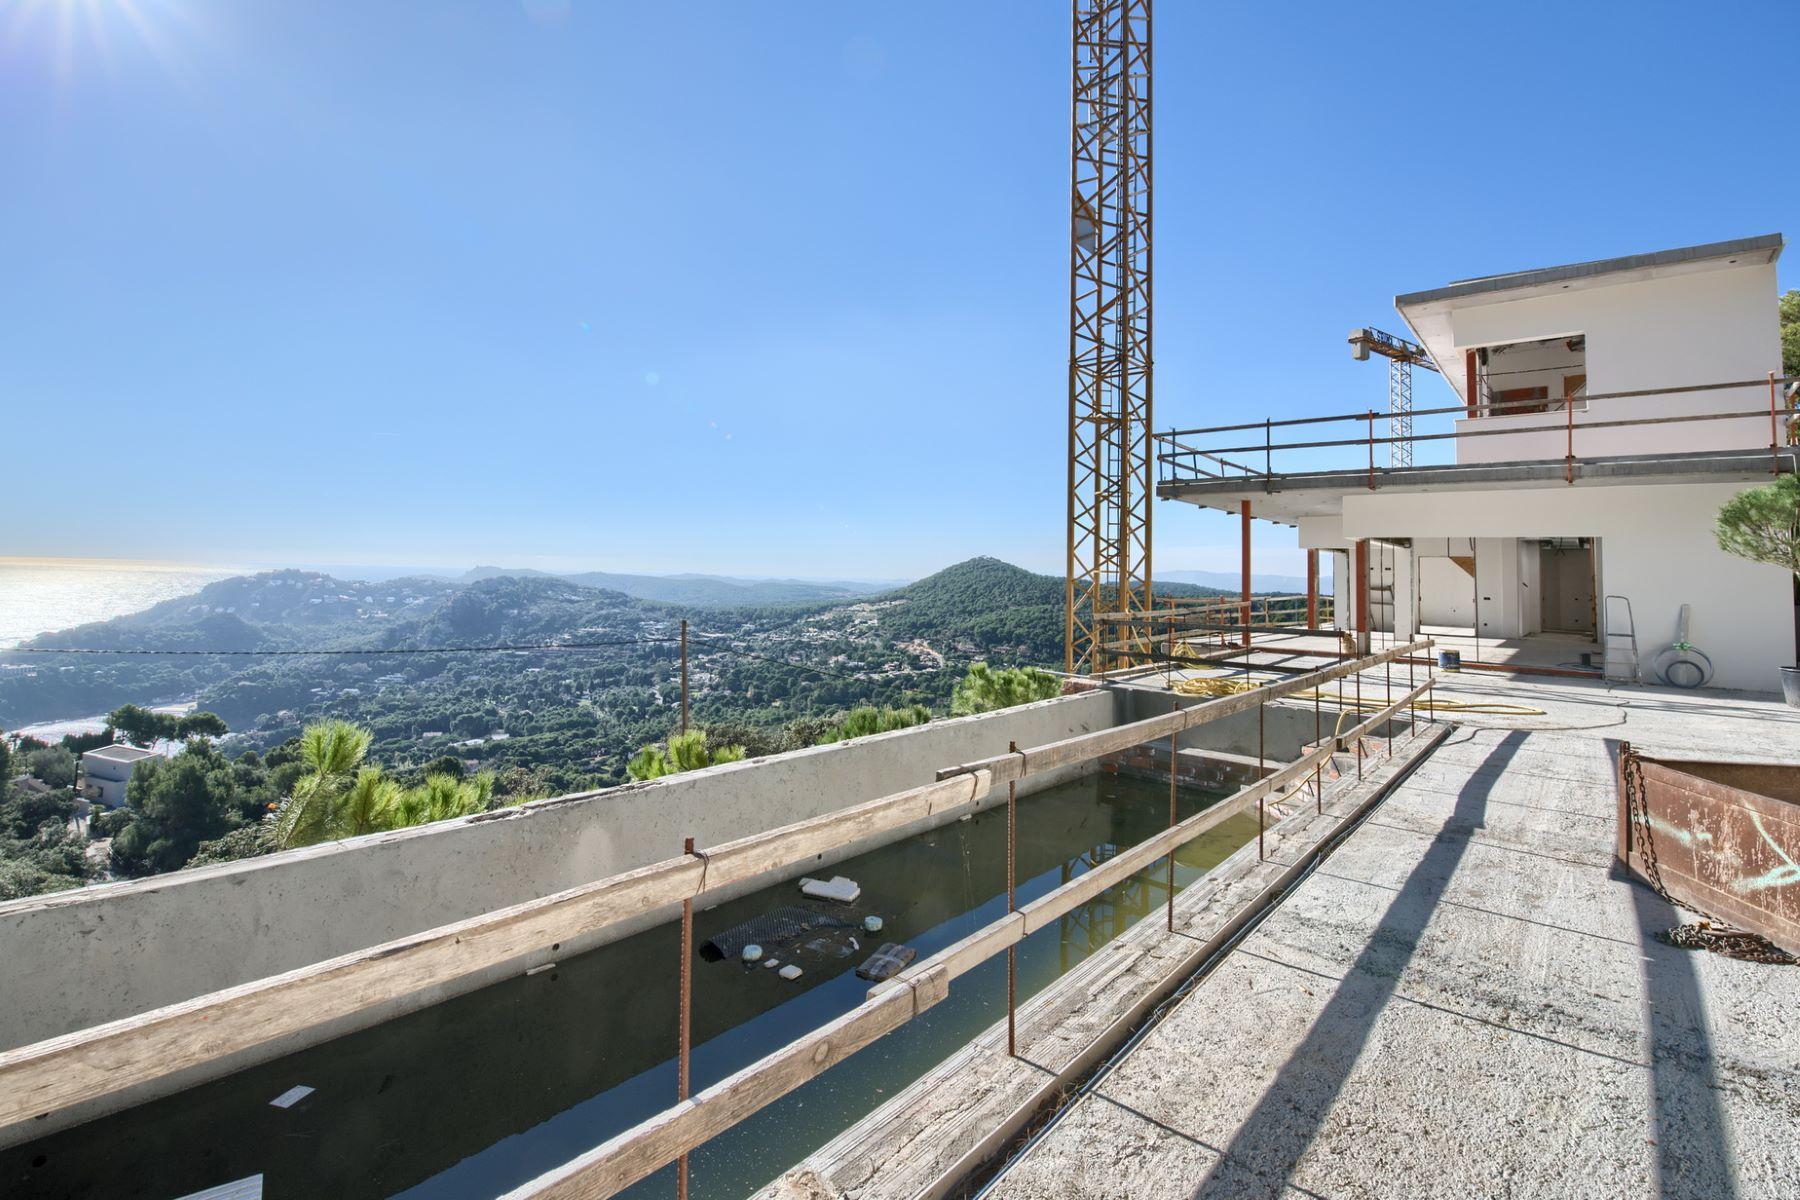 独户住宅 为 销售 在 Luxury modern style house with views under construction in Aiguablava 贝吉尔, 科斯塔布拉瓦, 17255 西班牙